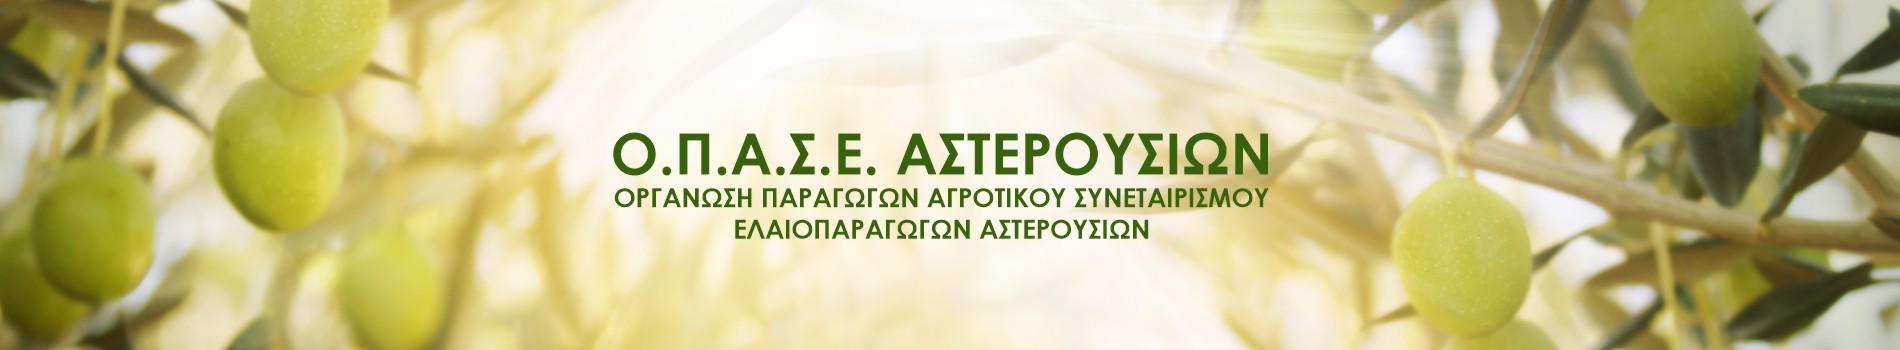 ΟΠΑΣΕ ΑΣΤΕΡΟΥΣΙΩΝ